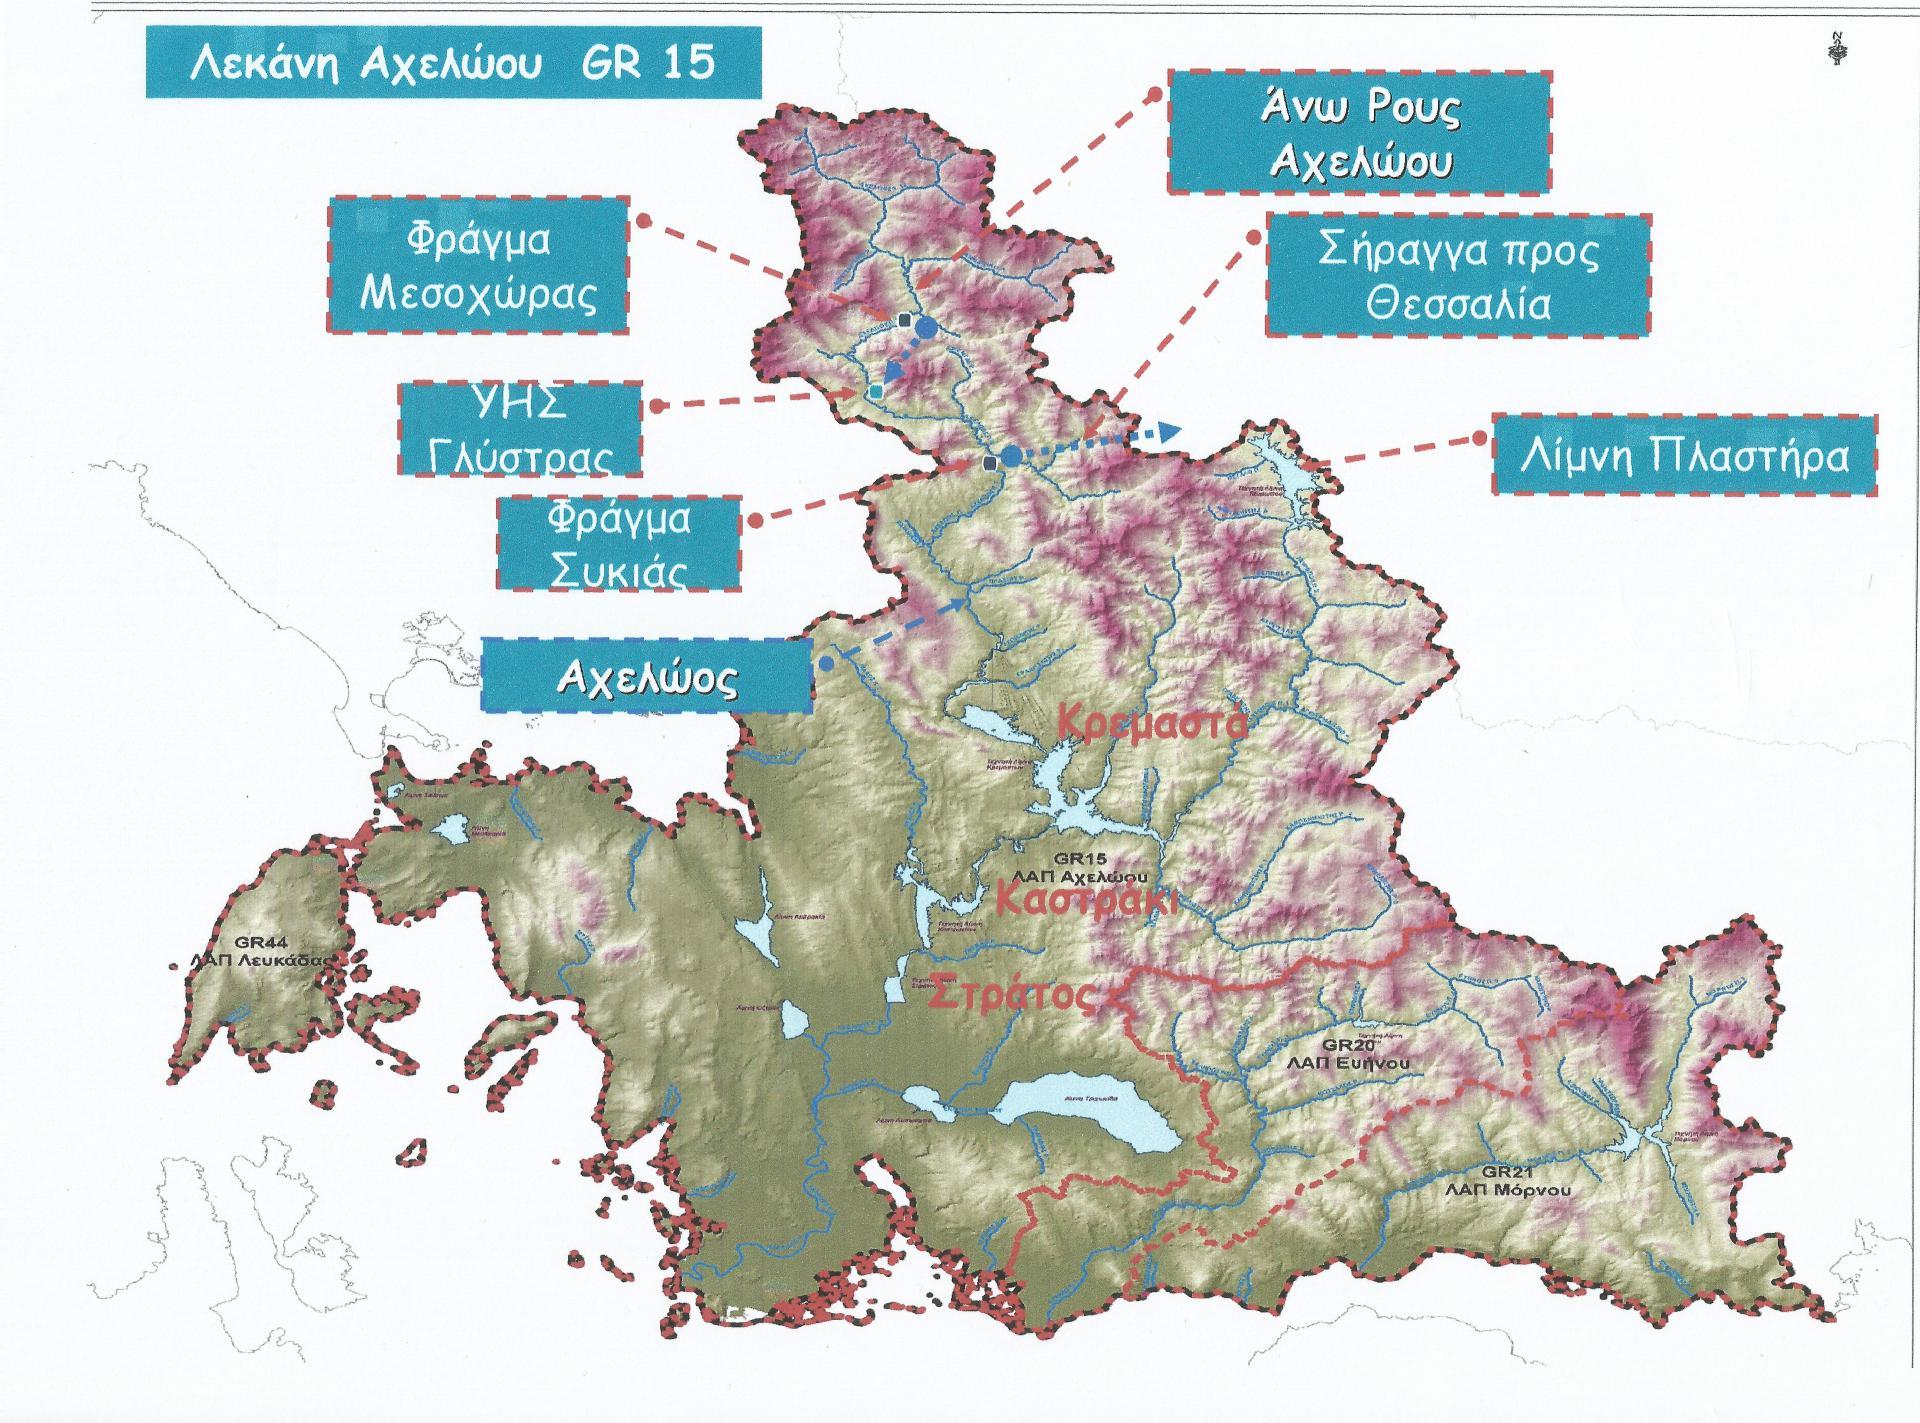 Χάρτης Έργων Άνω Αχελώου